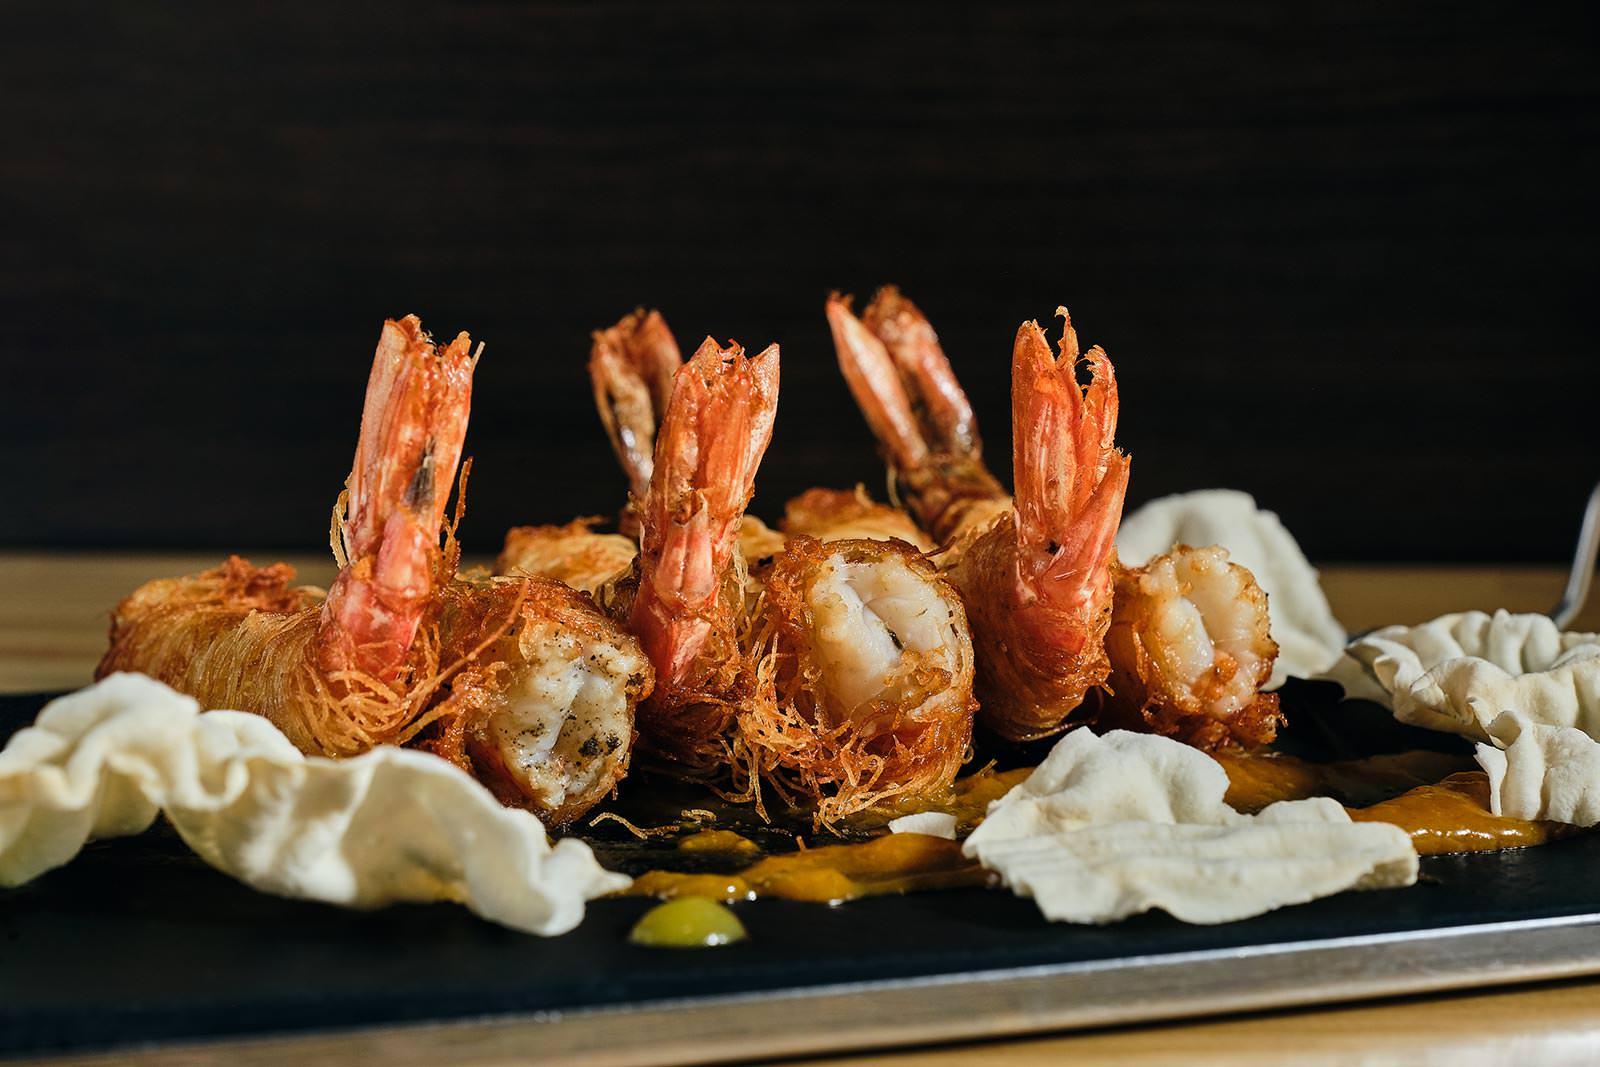 fotografia_restaurante_granada_02 Fotografía Restaurante en Granada - Negro Carbón Gastronómica